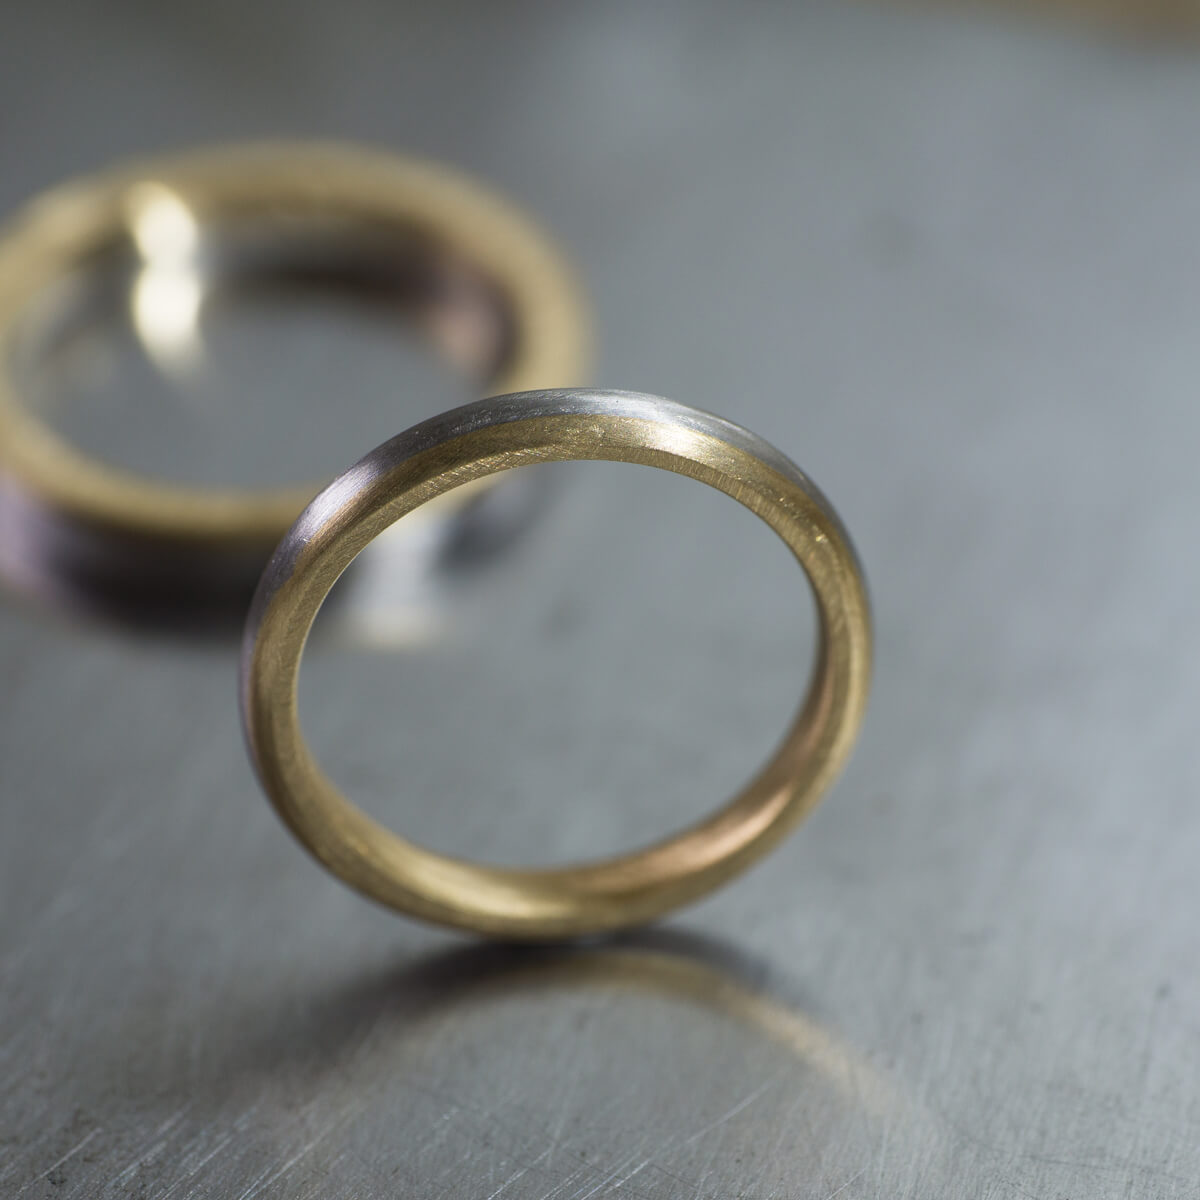 オーダーメイドマリッジリング ジュエリーのアトリエ ゴールド、プラチナ 屋久島の水平線モチーフ 屋久島でつくる結婚指輪